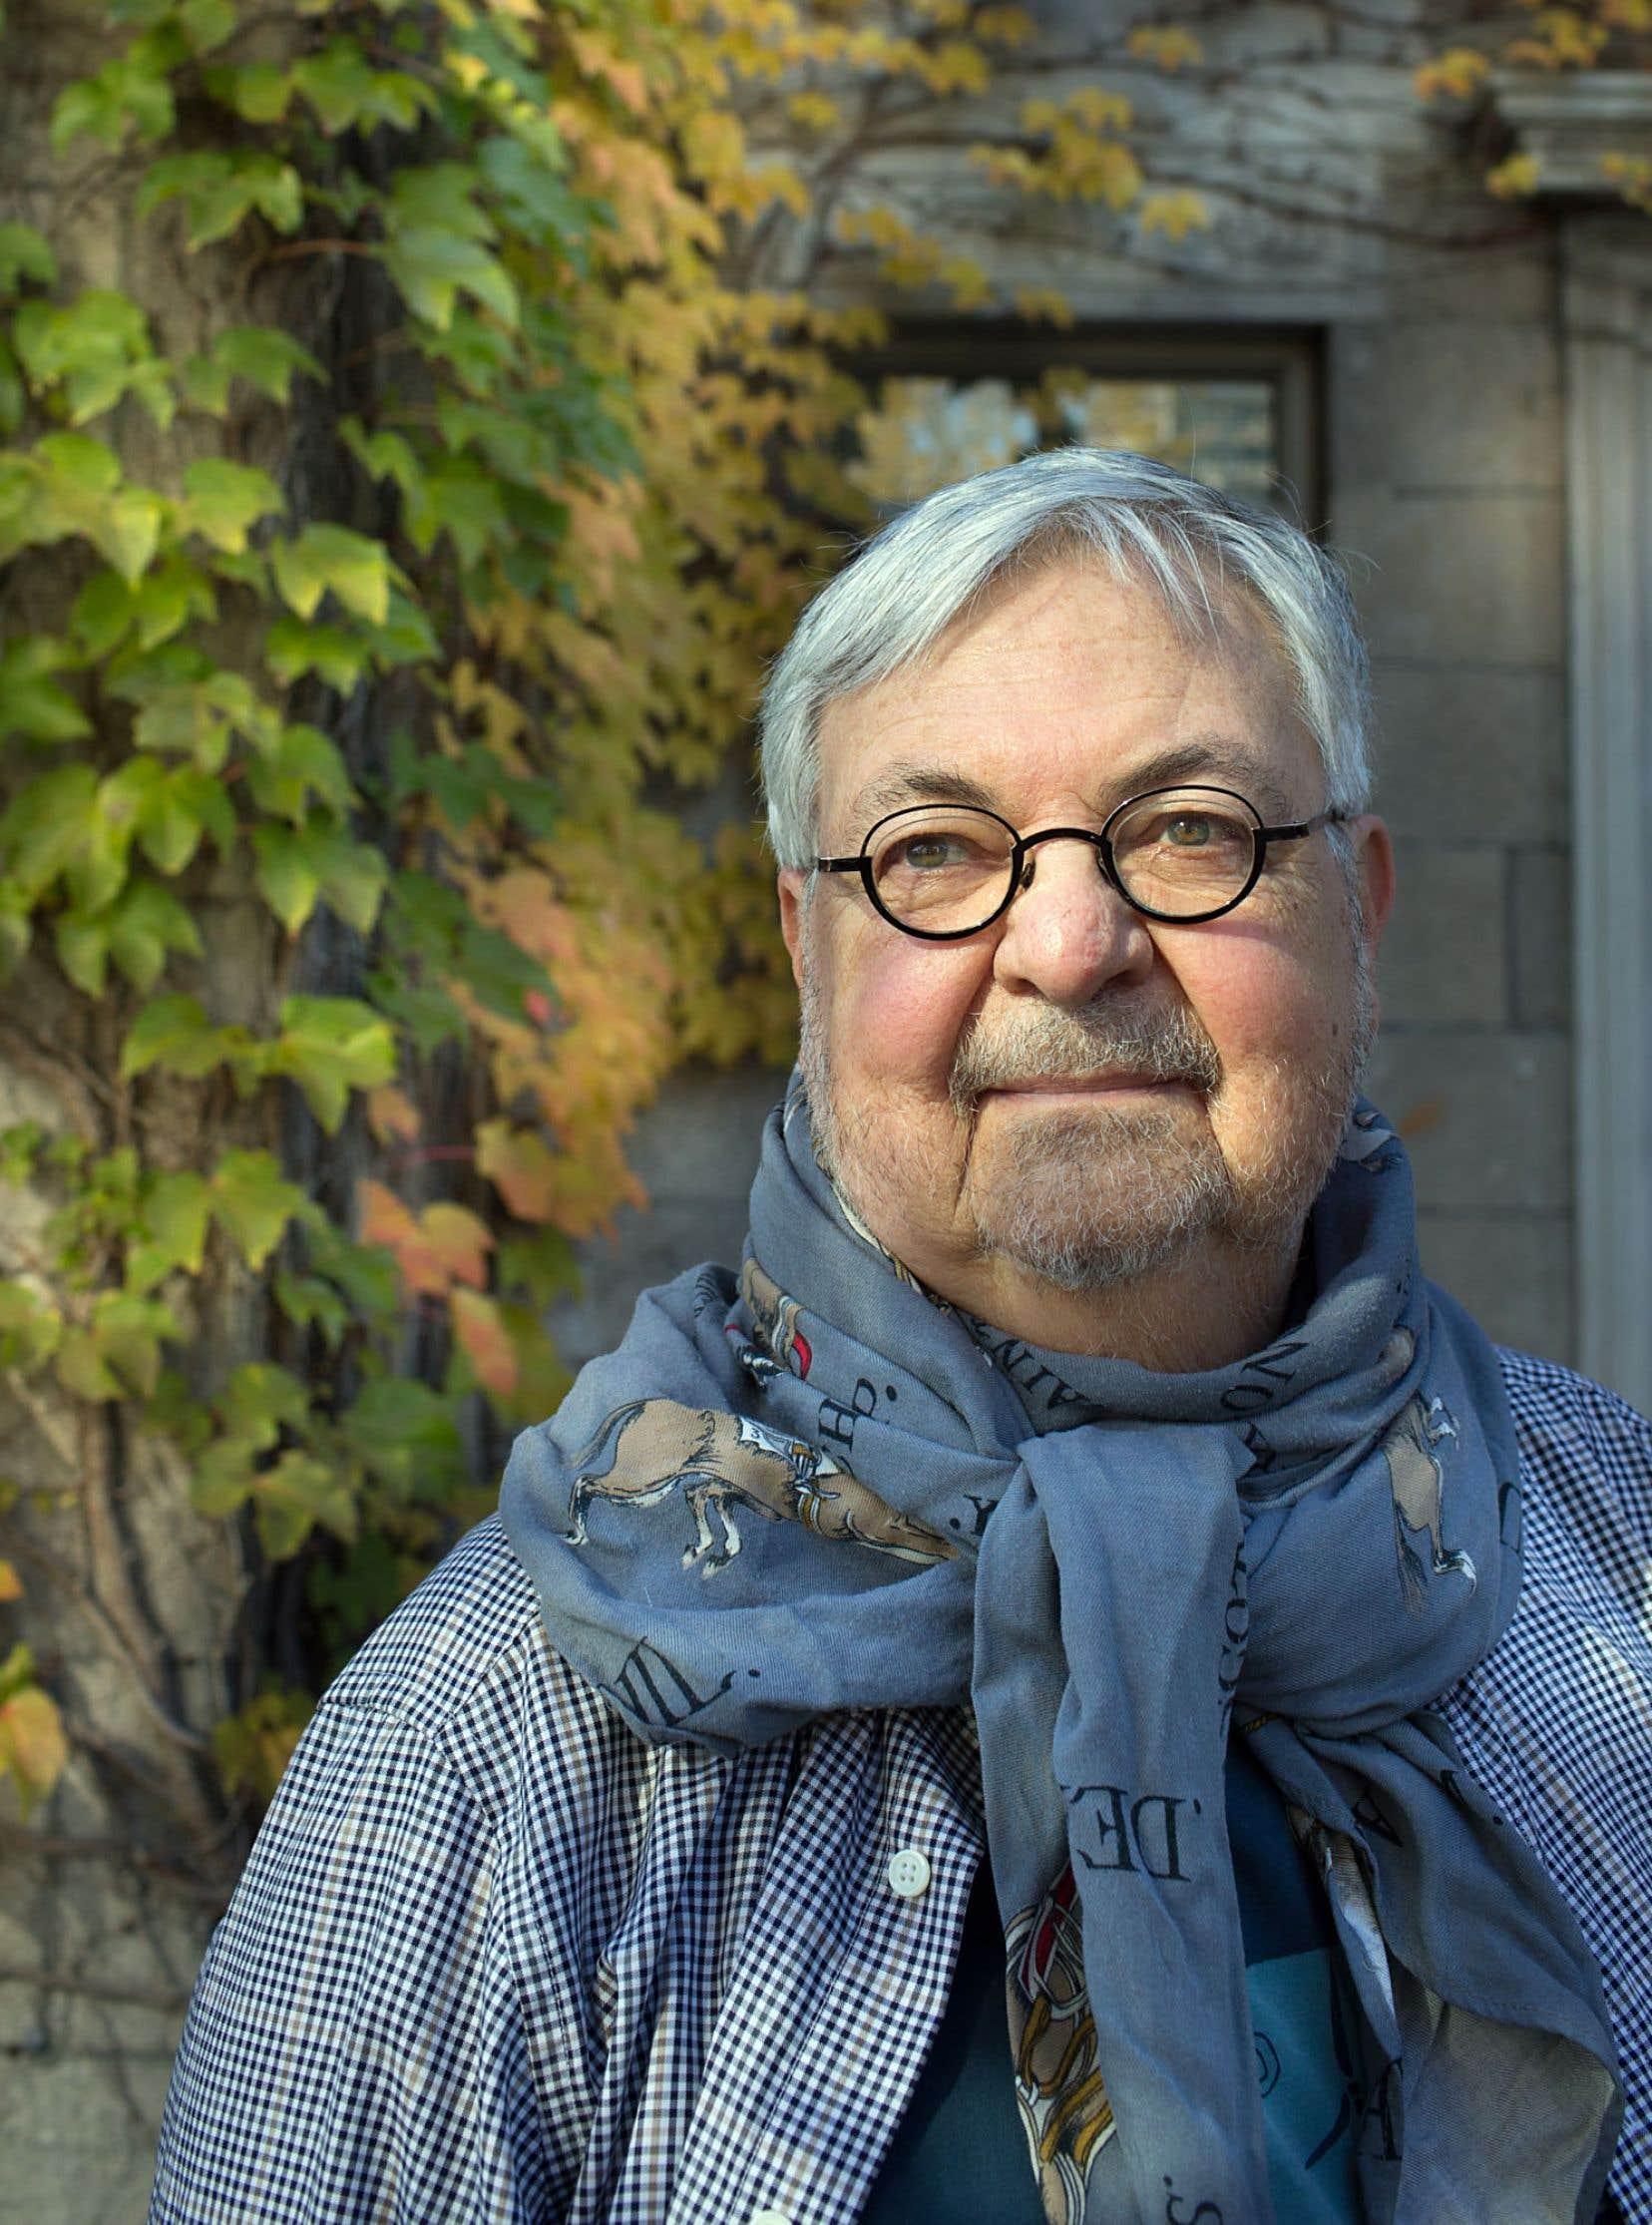 Michel Tremblay mène ce court roman, illustré de ses propres aquarelles, d'une main attentive et bienveillante.